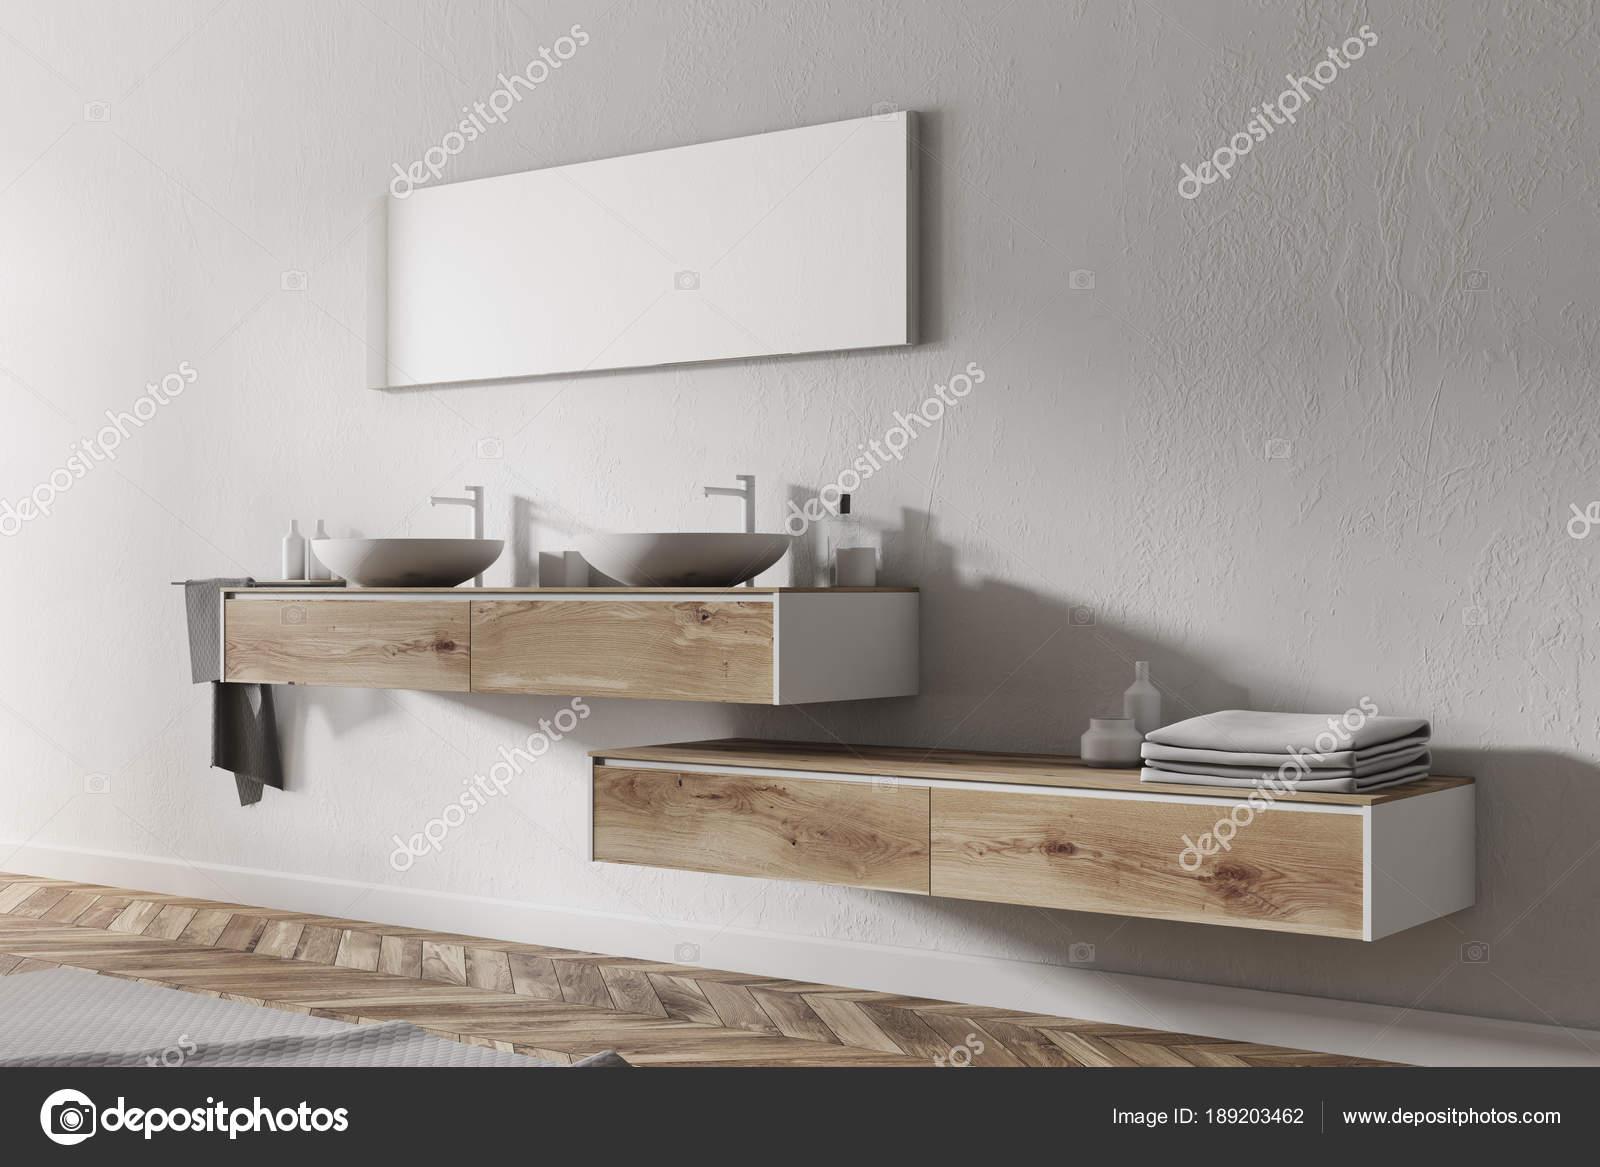 Angolo bagno doppio lavabo u foto stock denisismagilov